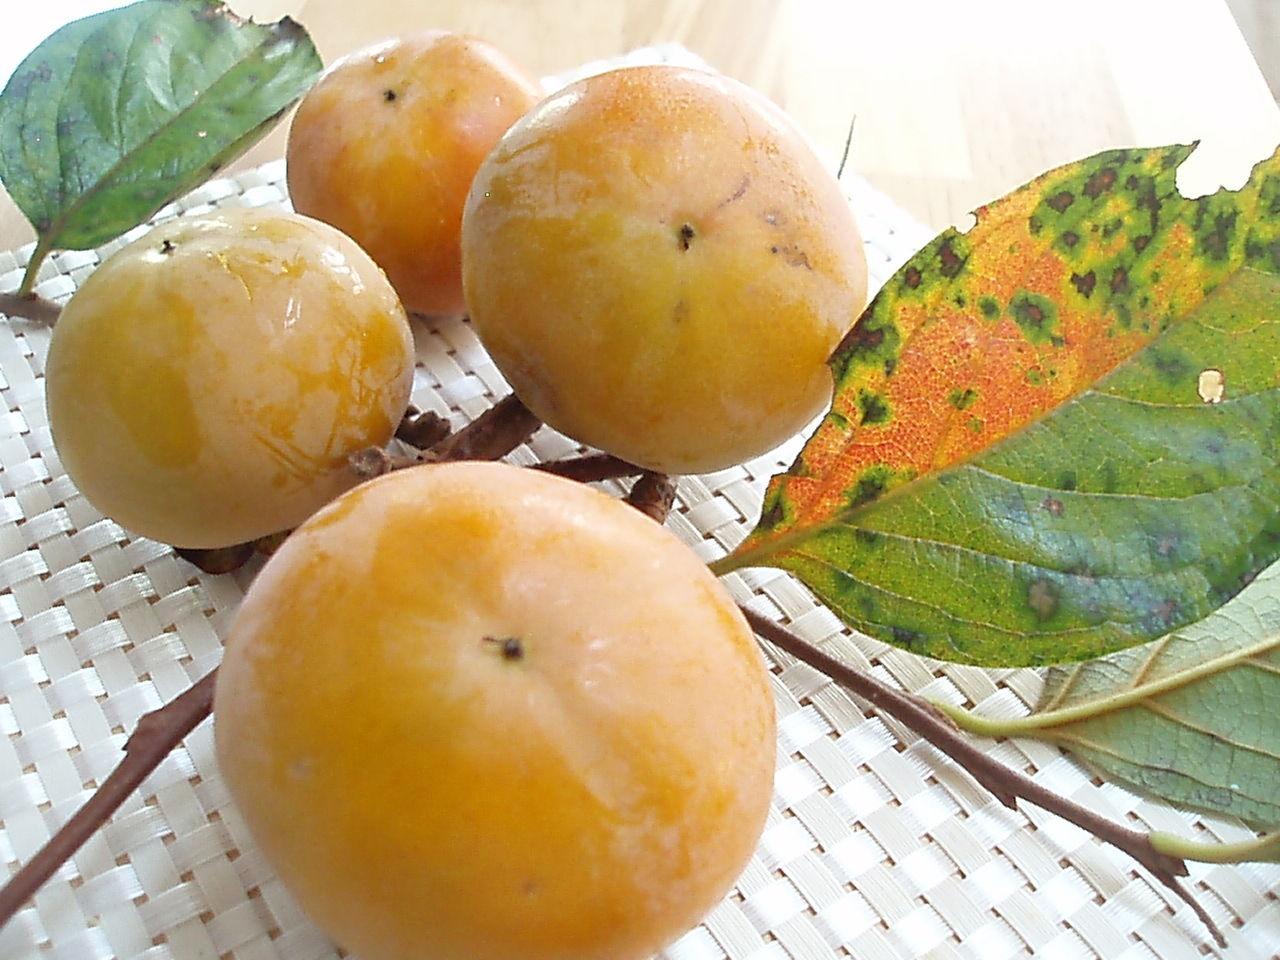 PA084462 柿 貴重な柿です~笑   我が家の畑からアスパラ、柿